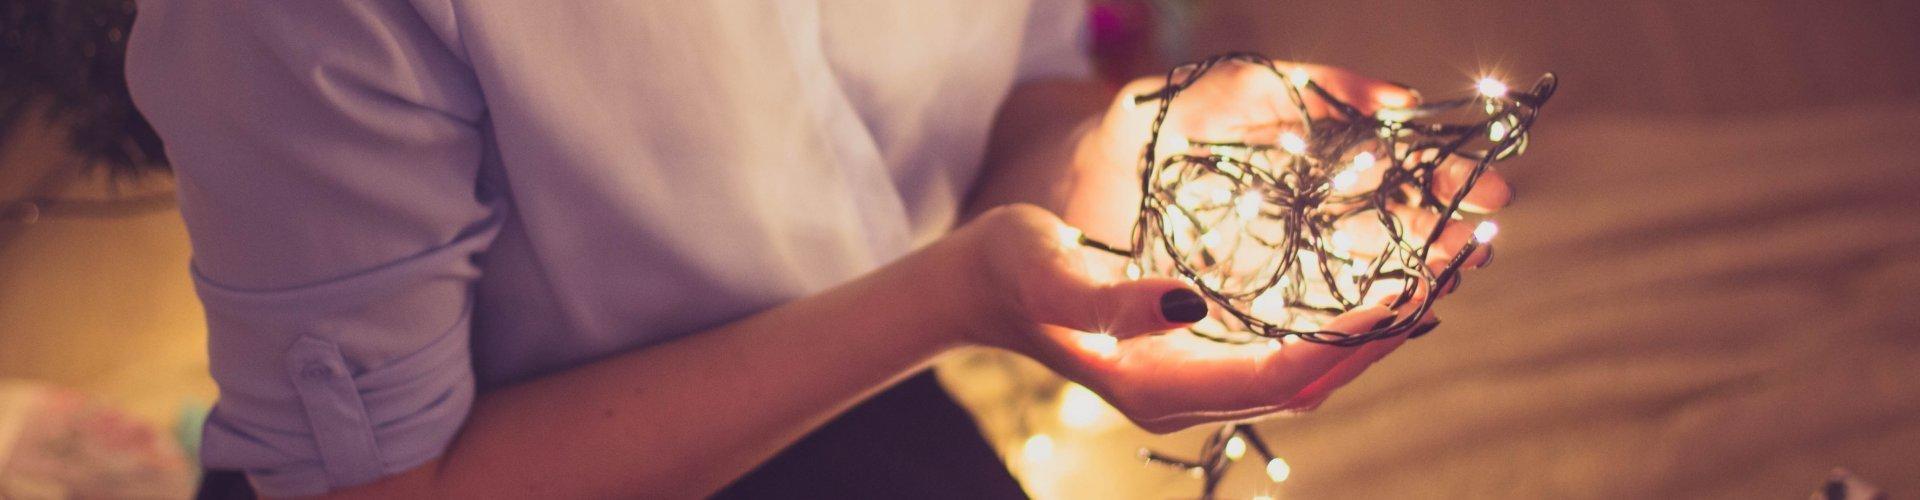 Święta Bożego Narodzenia 2017 | 4 dni | LAST MINUTE -10%